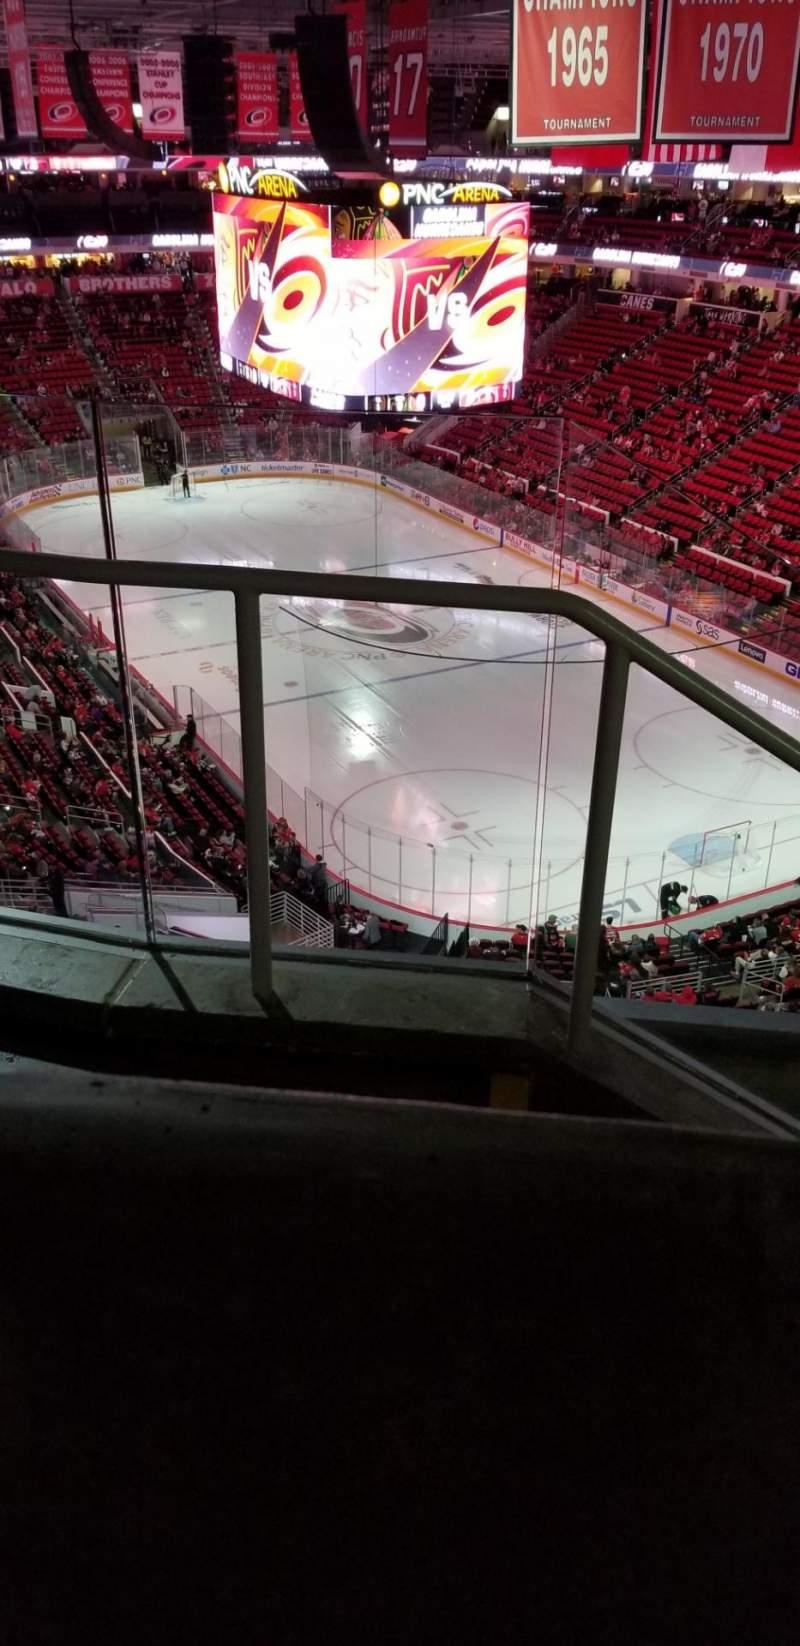 Vista sentada para PNC Arena Secção 335 Fila d Lugar 14